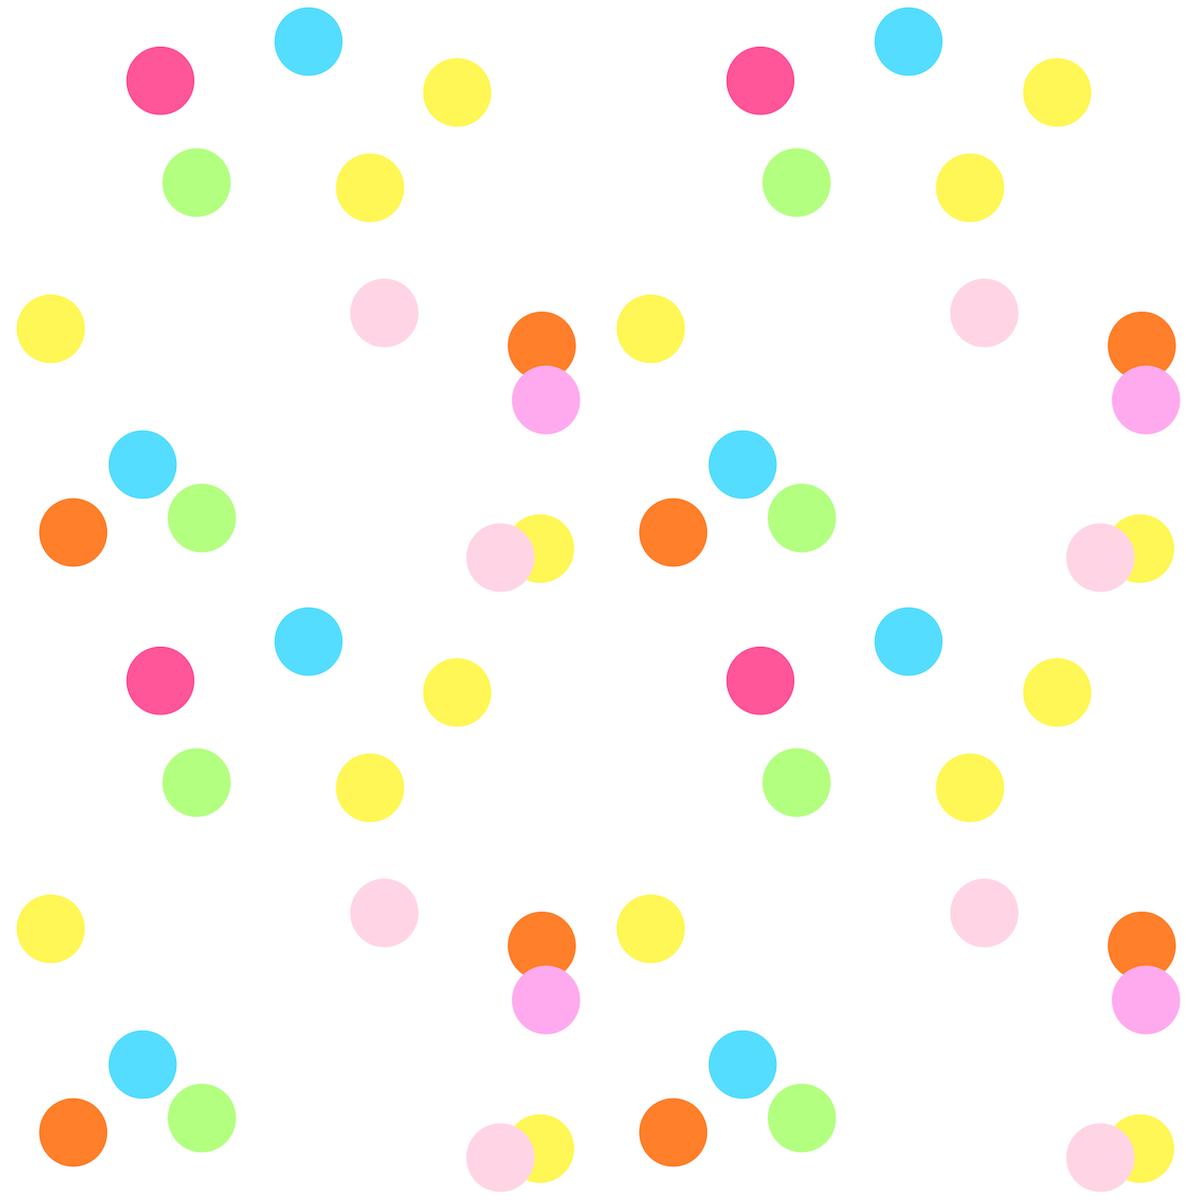 Dots clipart confetti Paper confetti  paper ausdruckbares